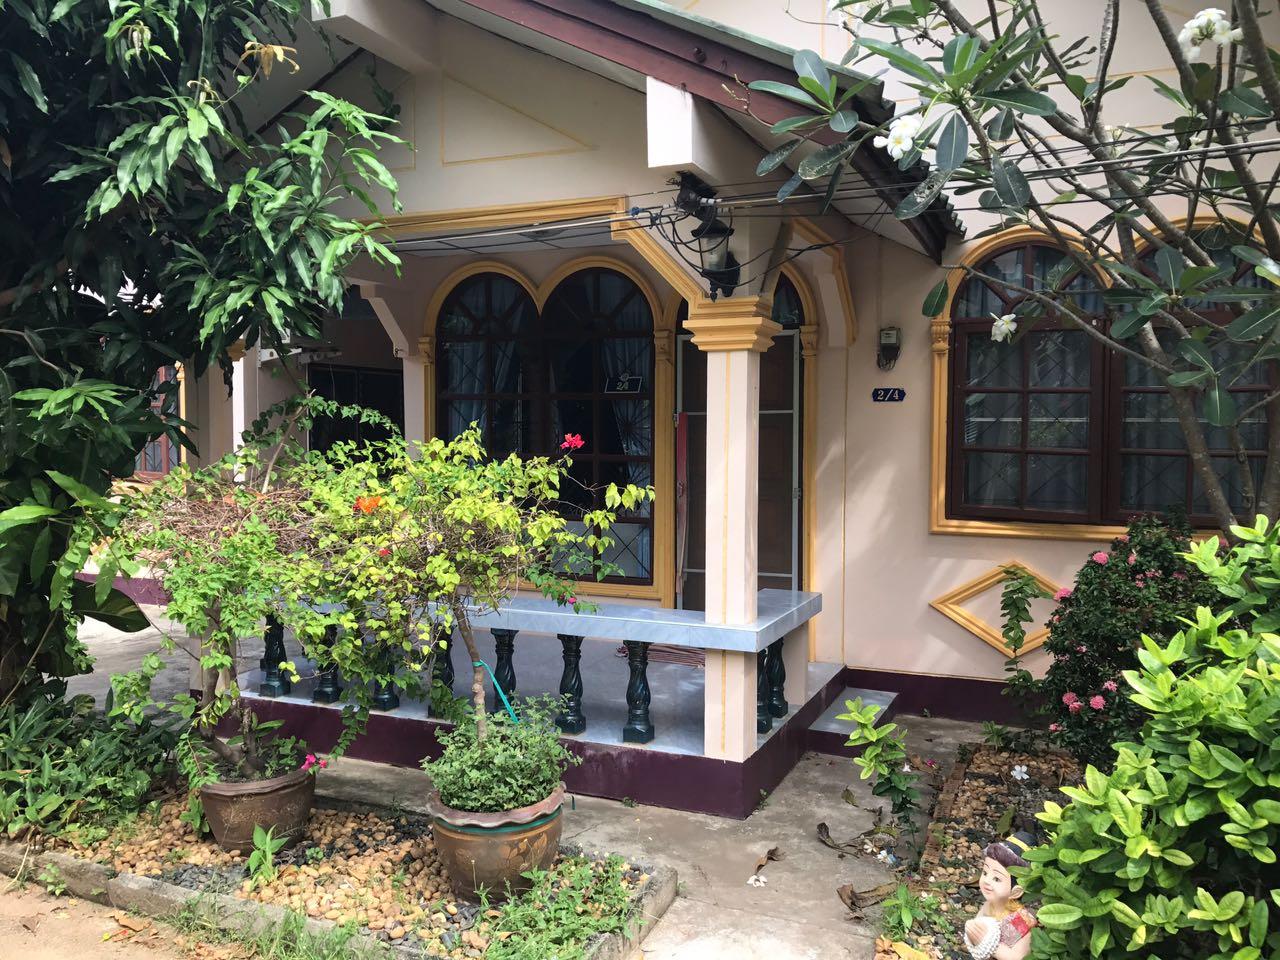 карон,дом,комната,жилье,таиланд,пхукет,домик,пляж